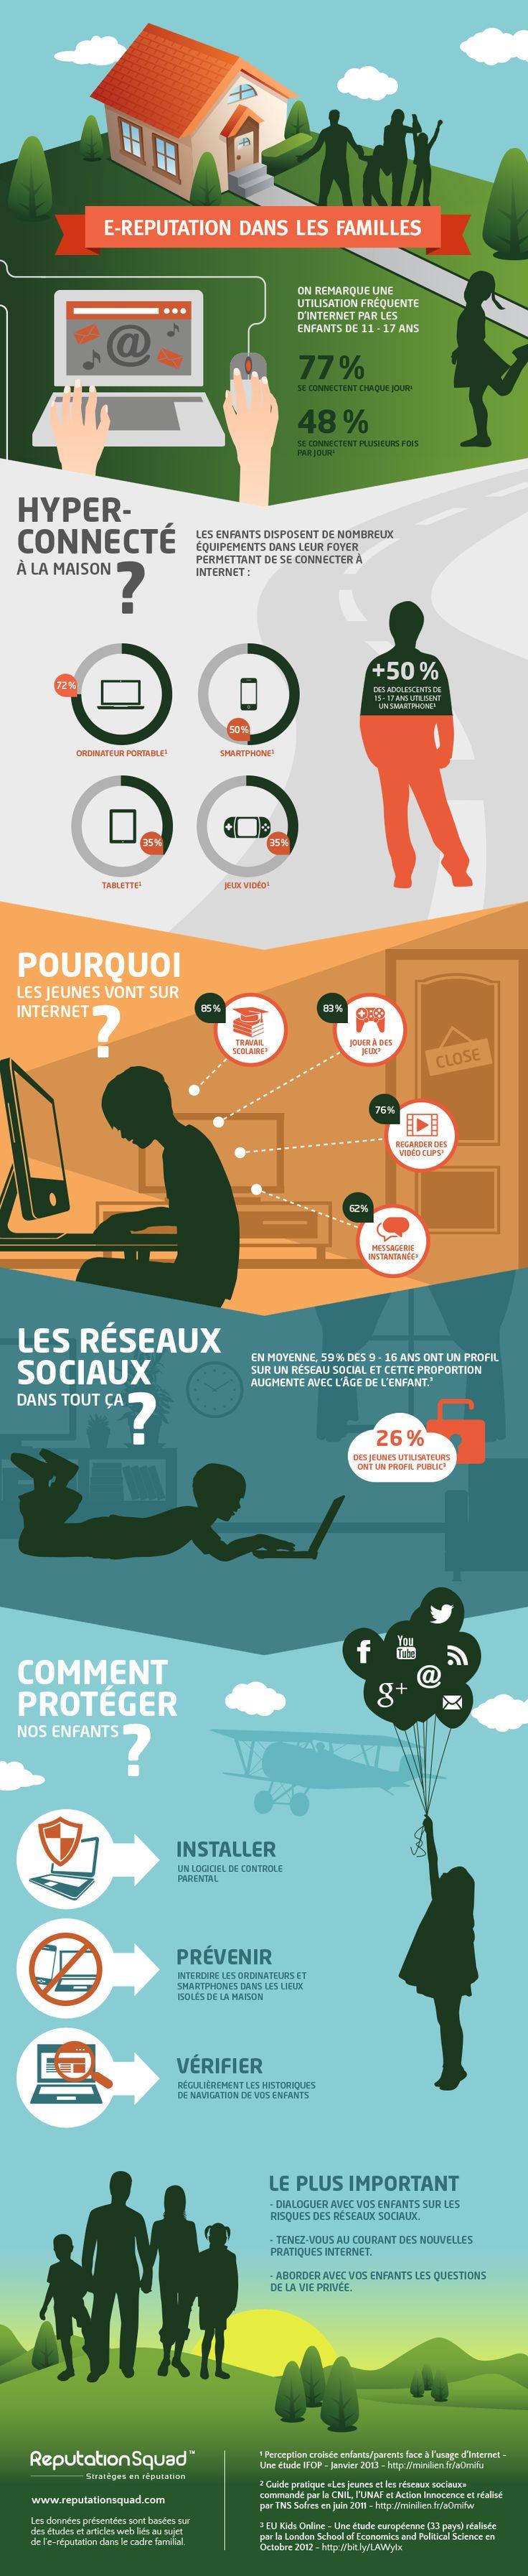 Les enfants, le digital et la famille : quels enjeux ? http://textinvaders.com/infographie-les-enfants-le-digital-et-la-famille-quels-enjeux/